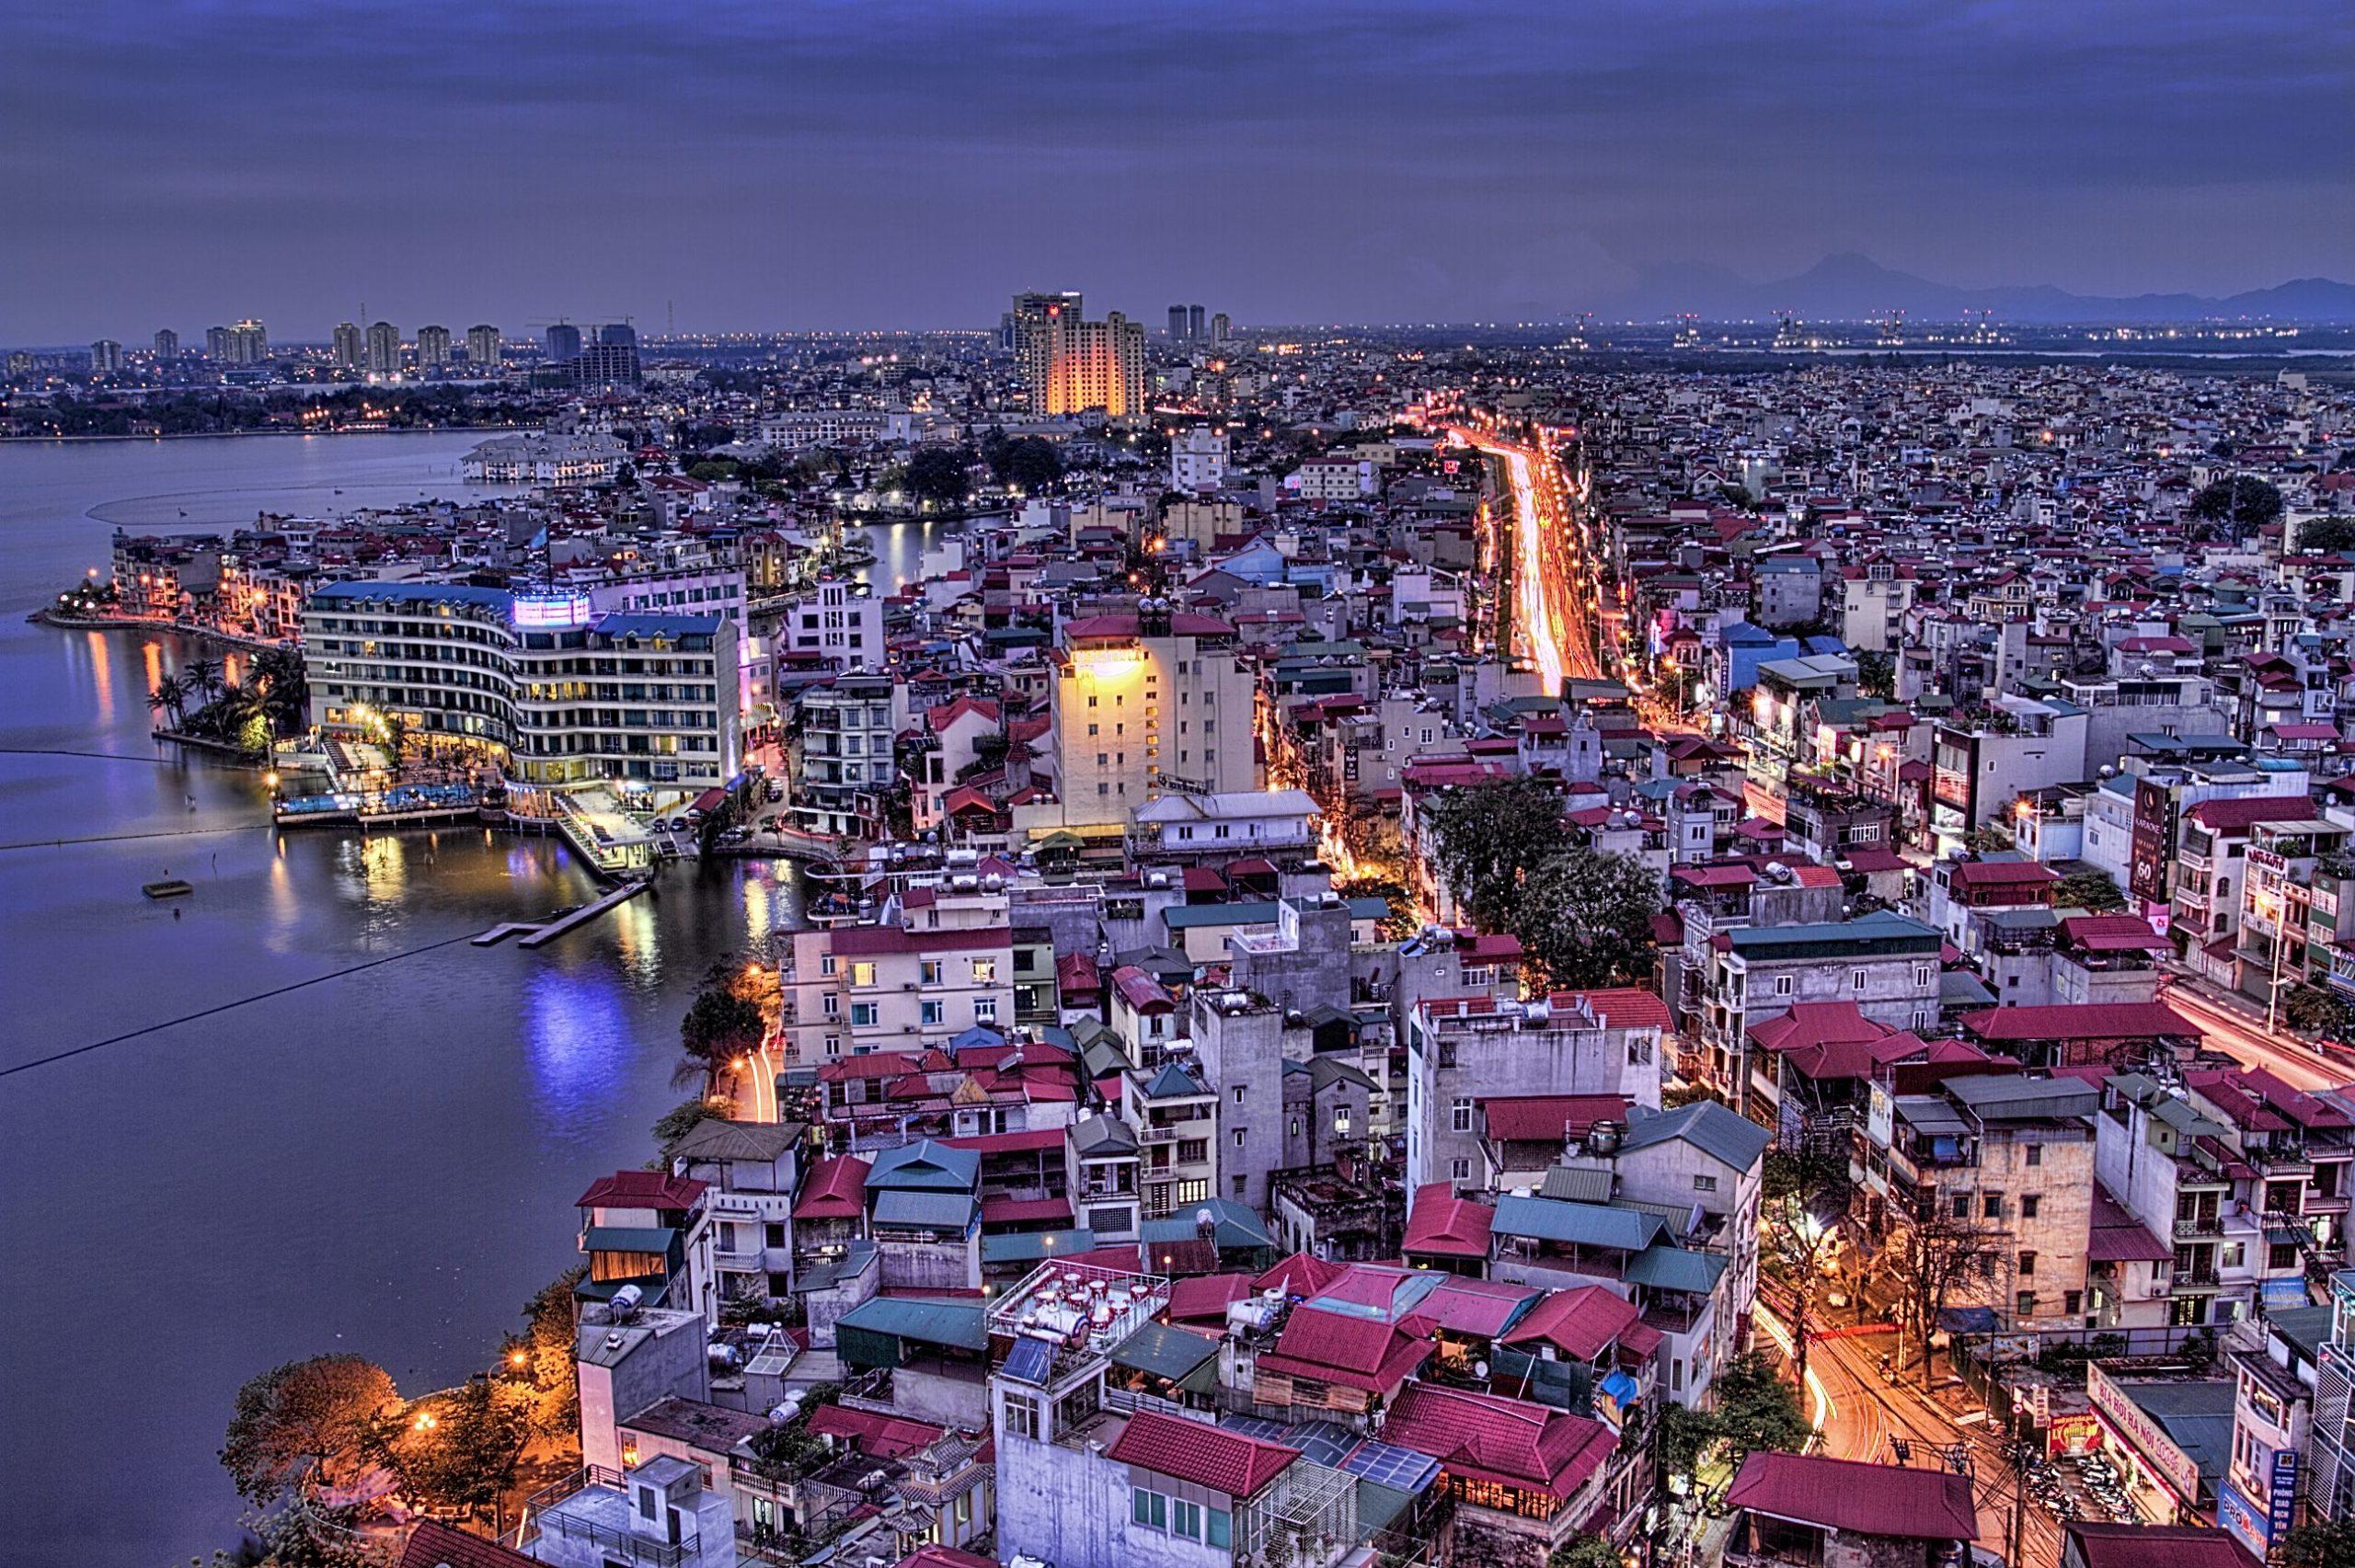 На фото изображен город Ханой